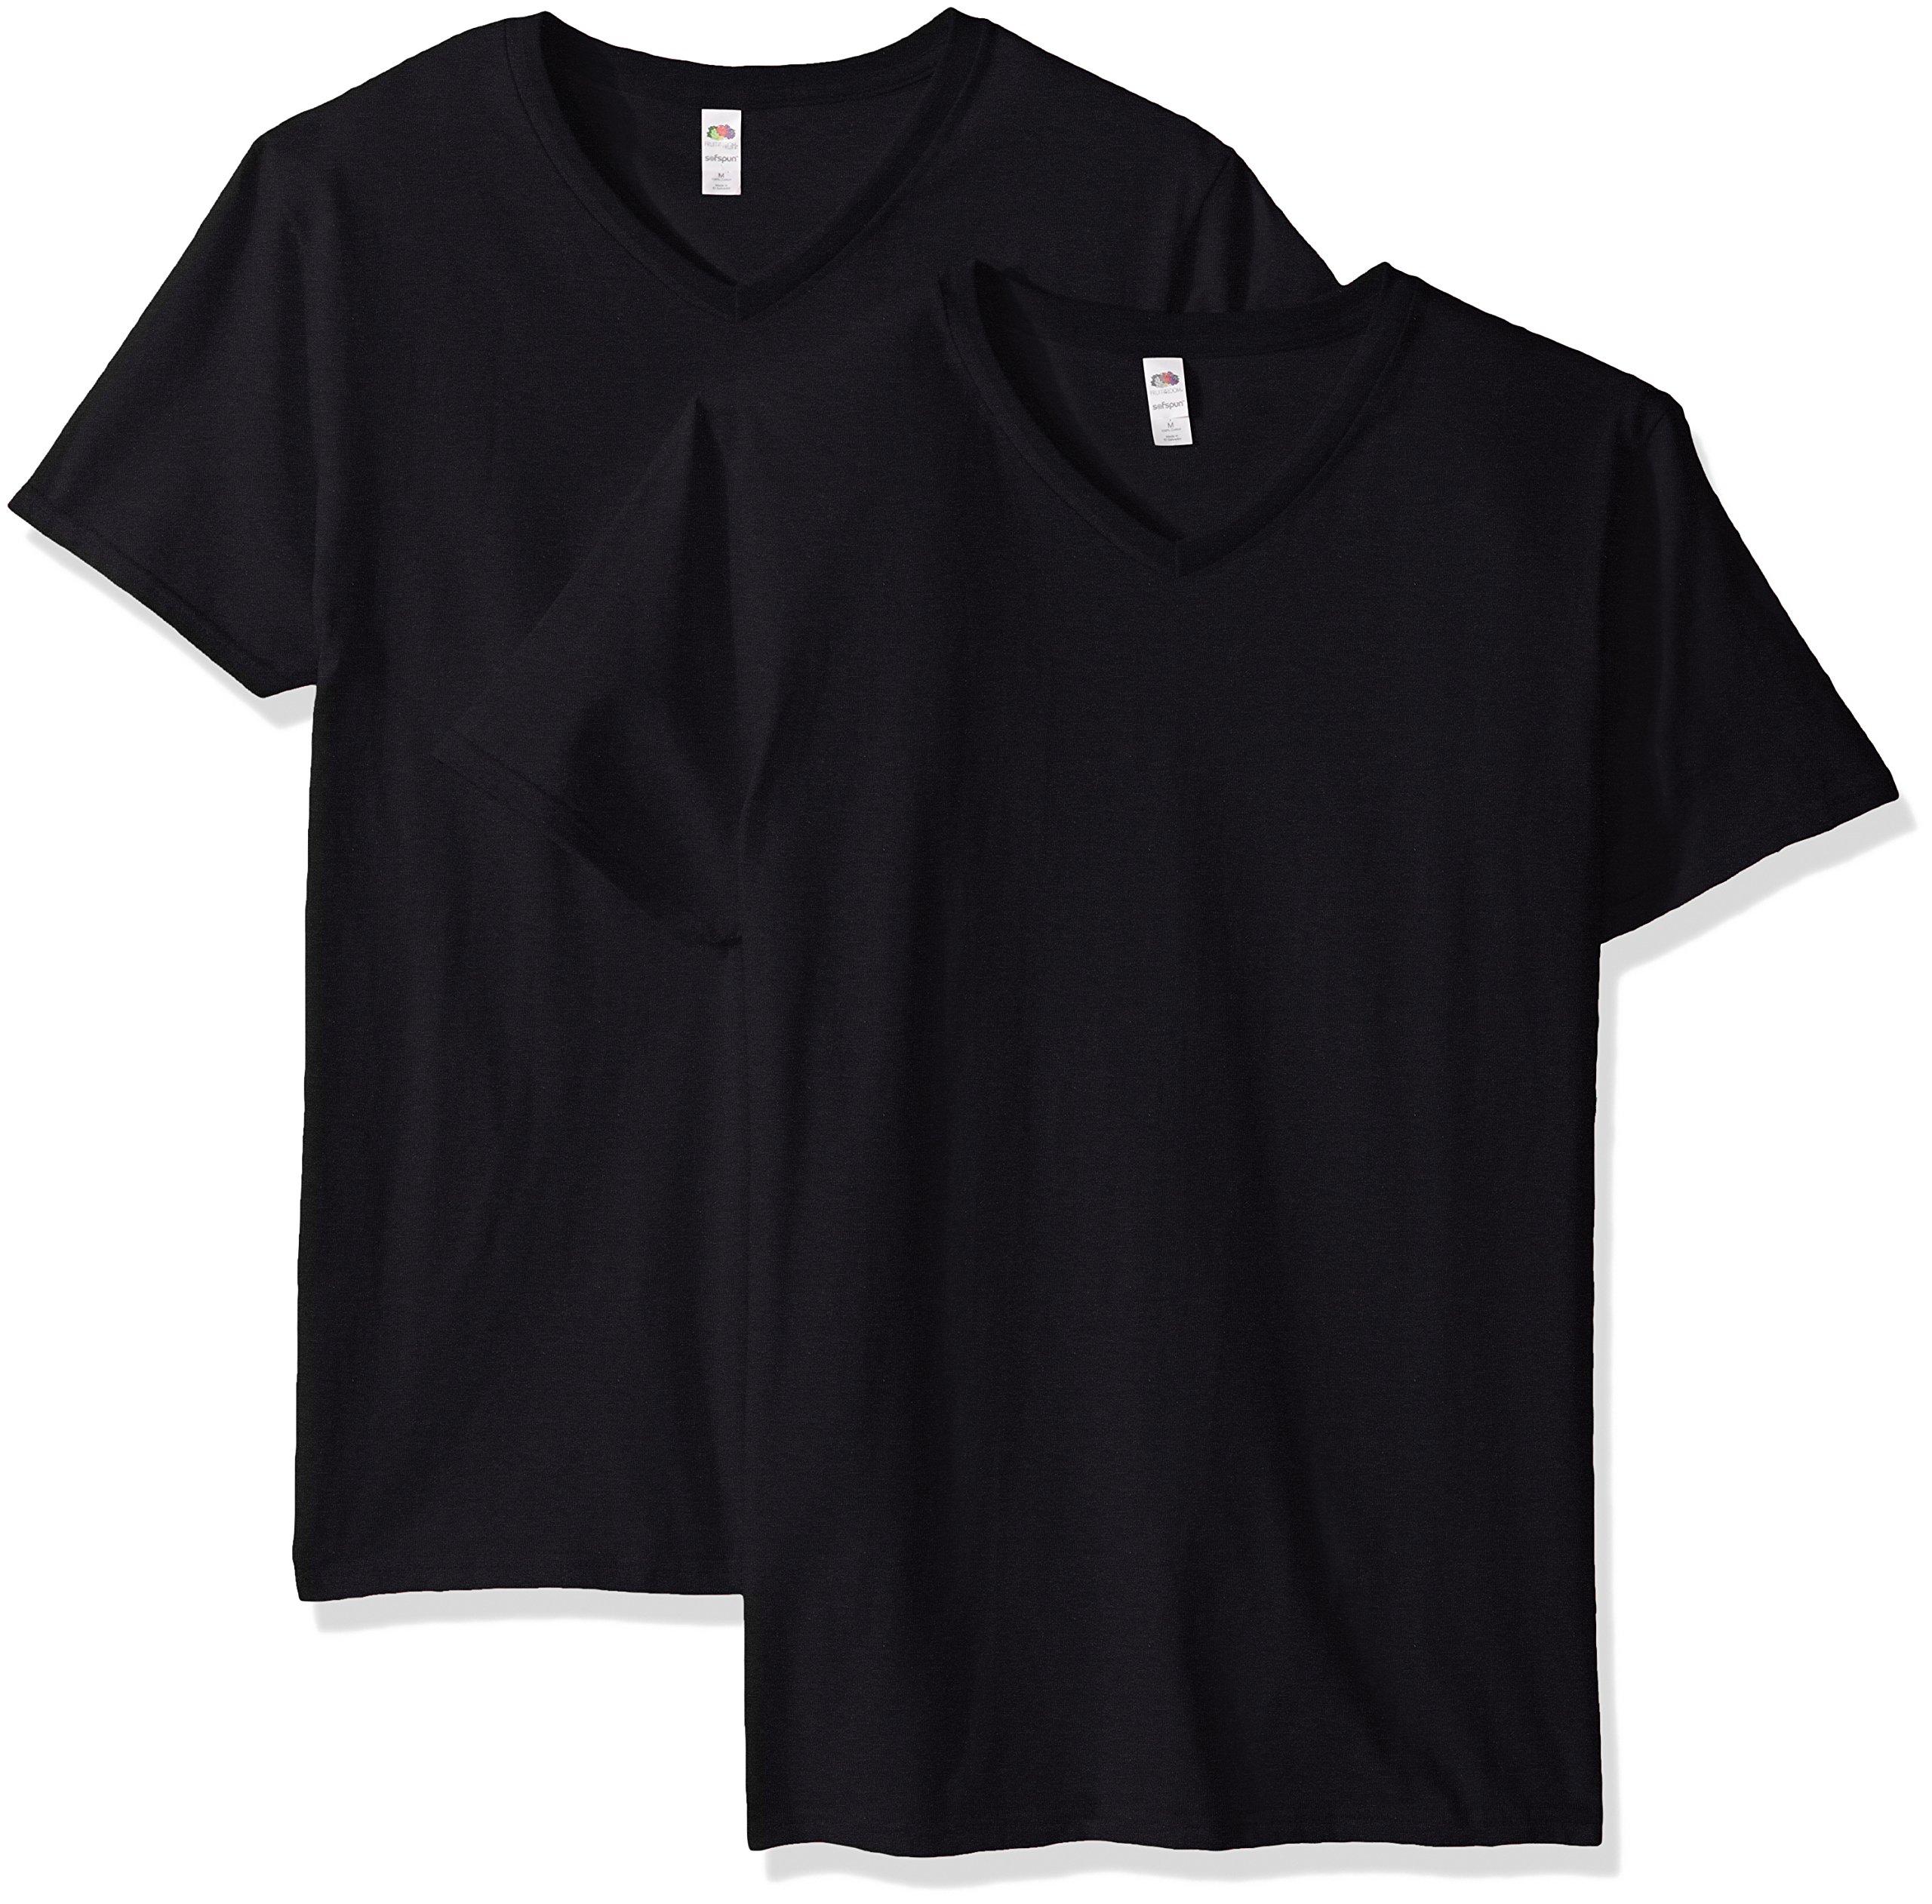 Fruit of the Loom Men's V-Neck T-Shirt (4 Pack), Black, XXX-Large